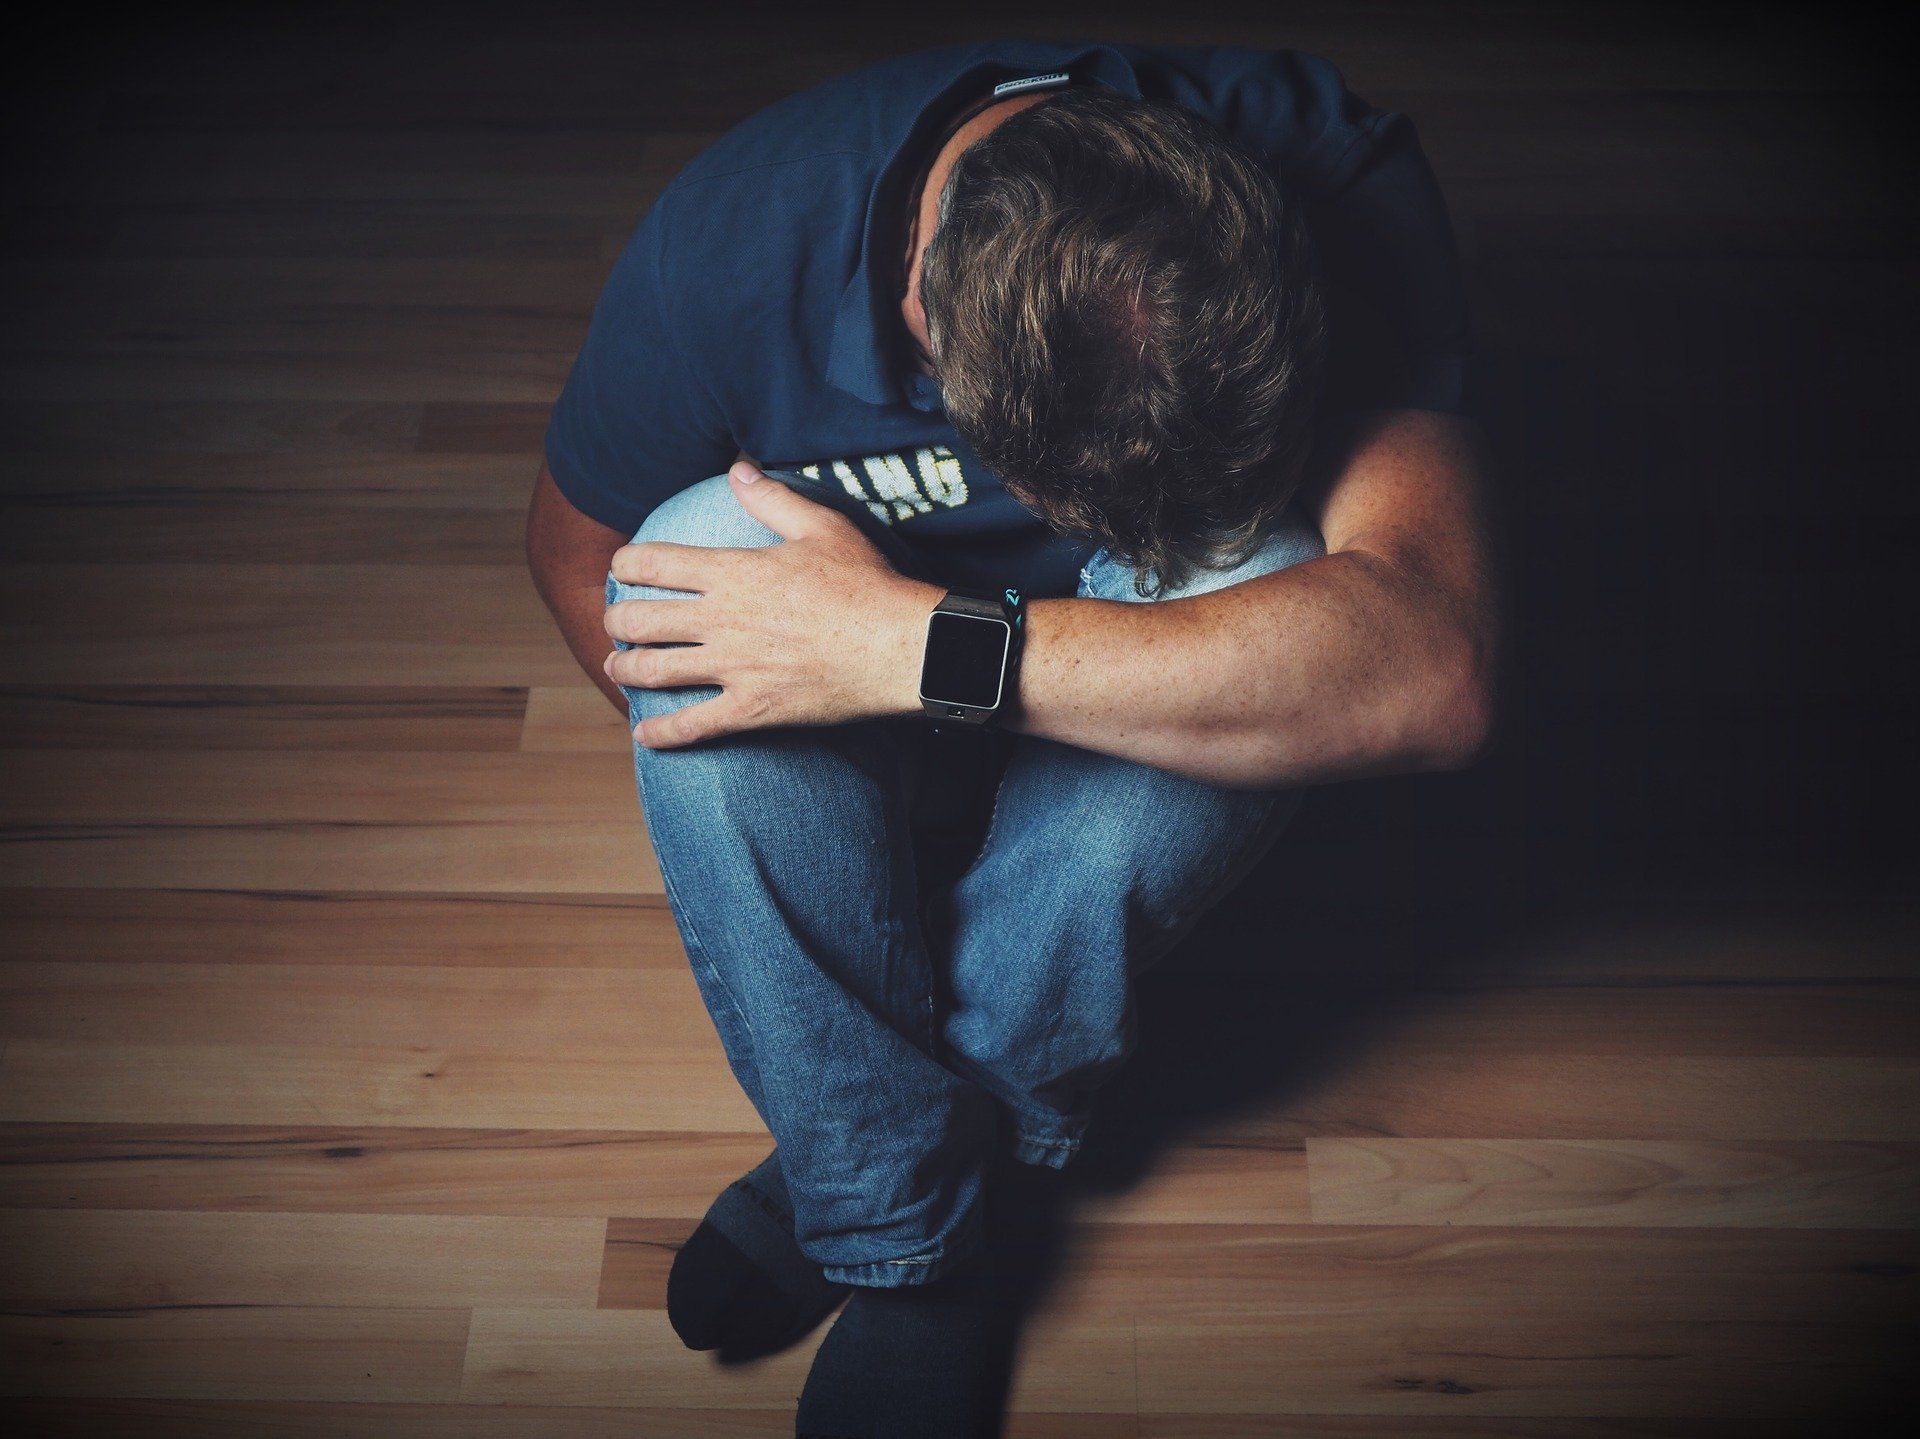 homme seul triste